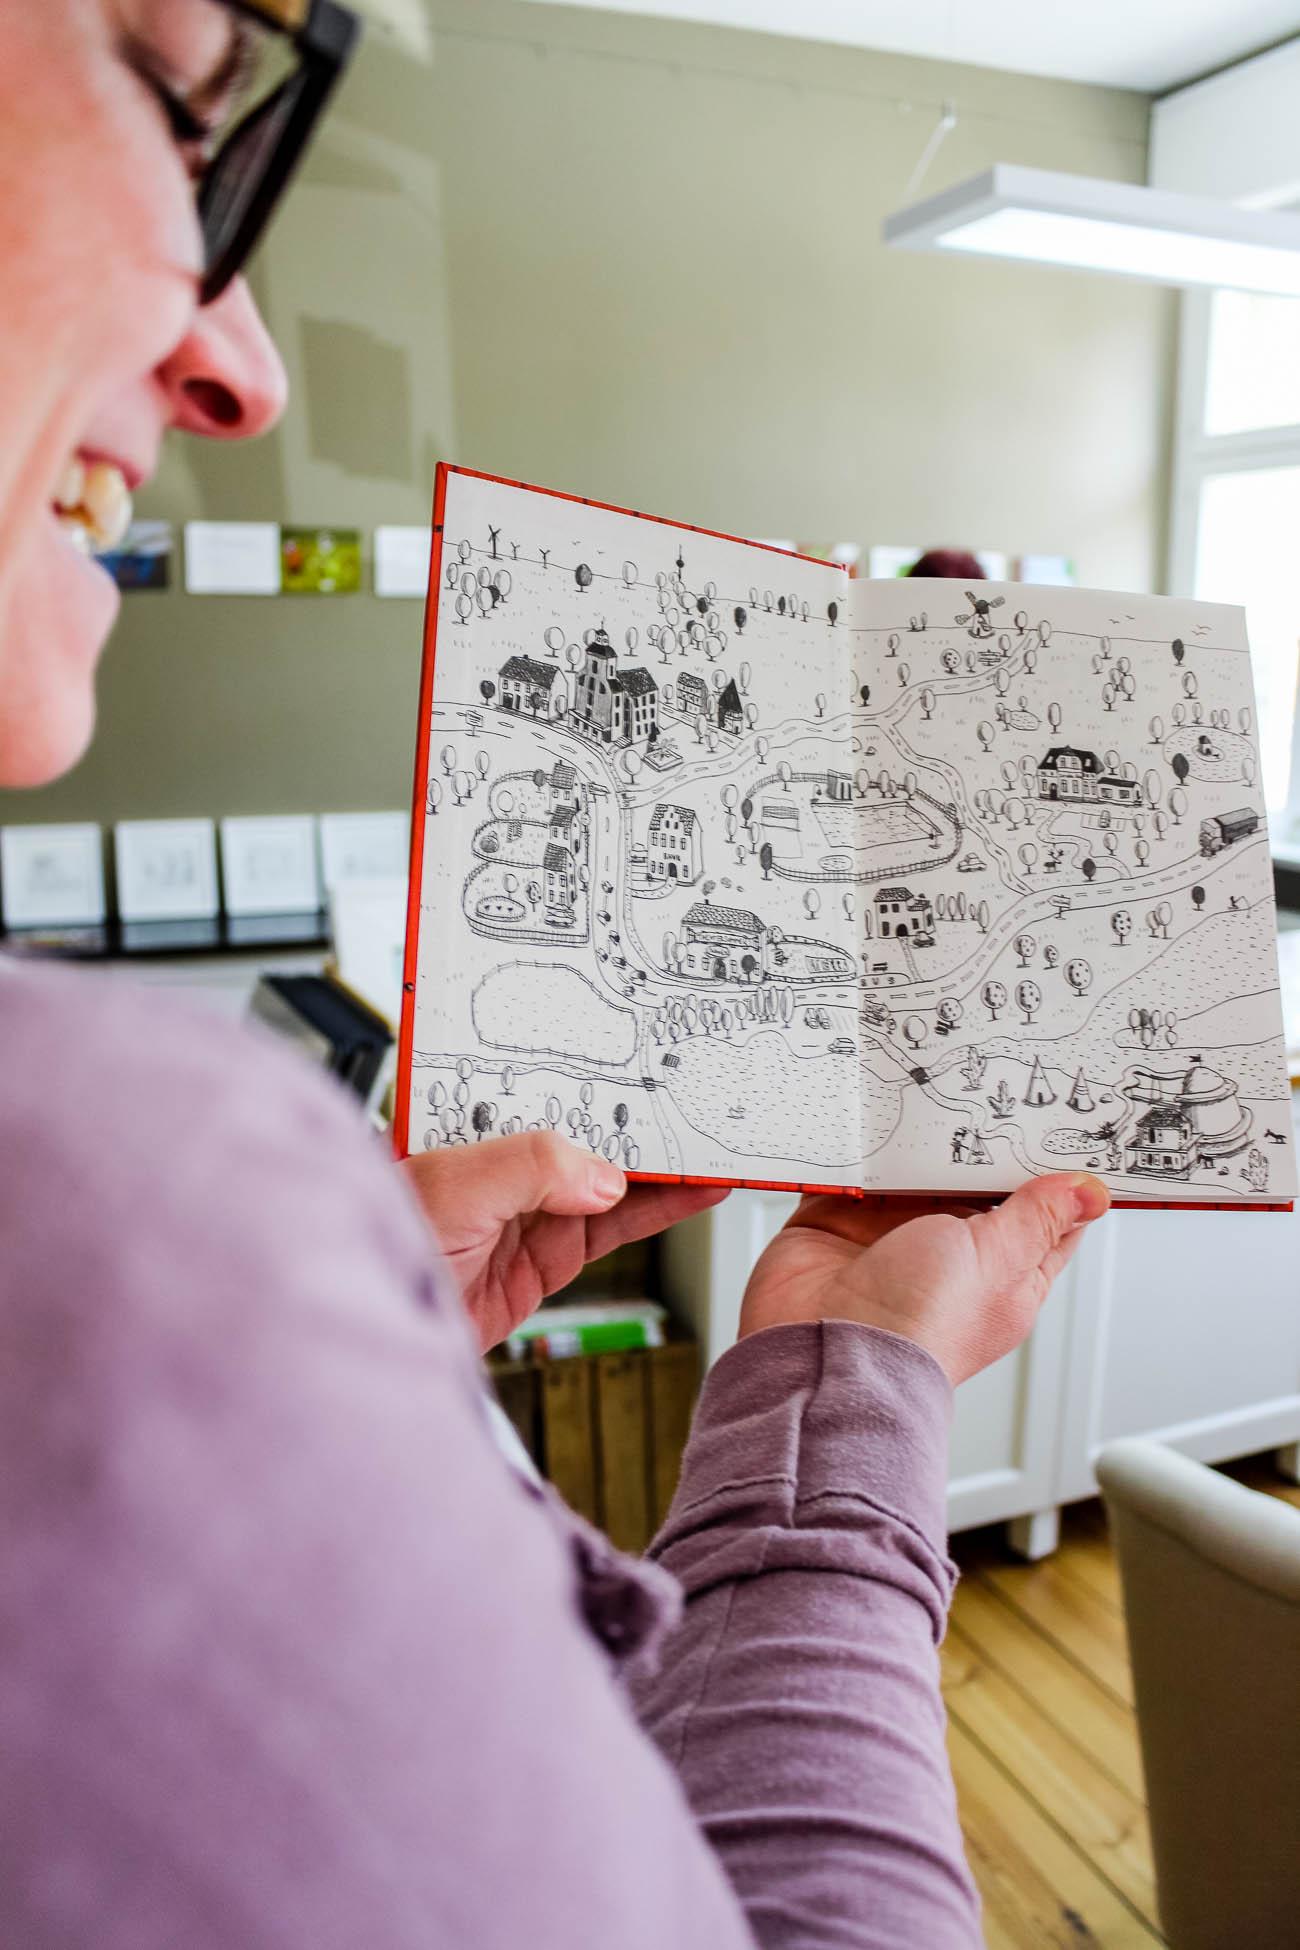 Atelier für Illustratives in Treuenbrietzen Tag der offenen Höfe in der Nuthe-Nieplitz Region im Fläming in Brandenburg